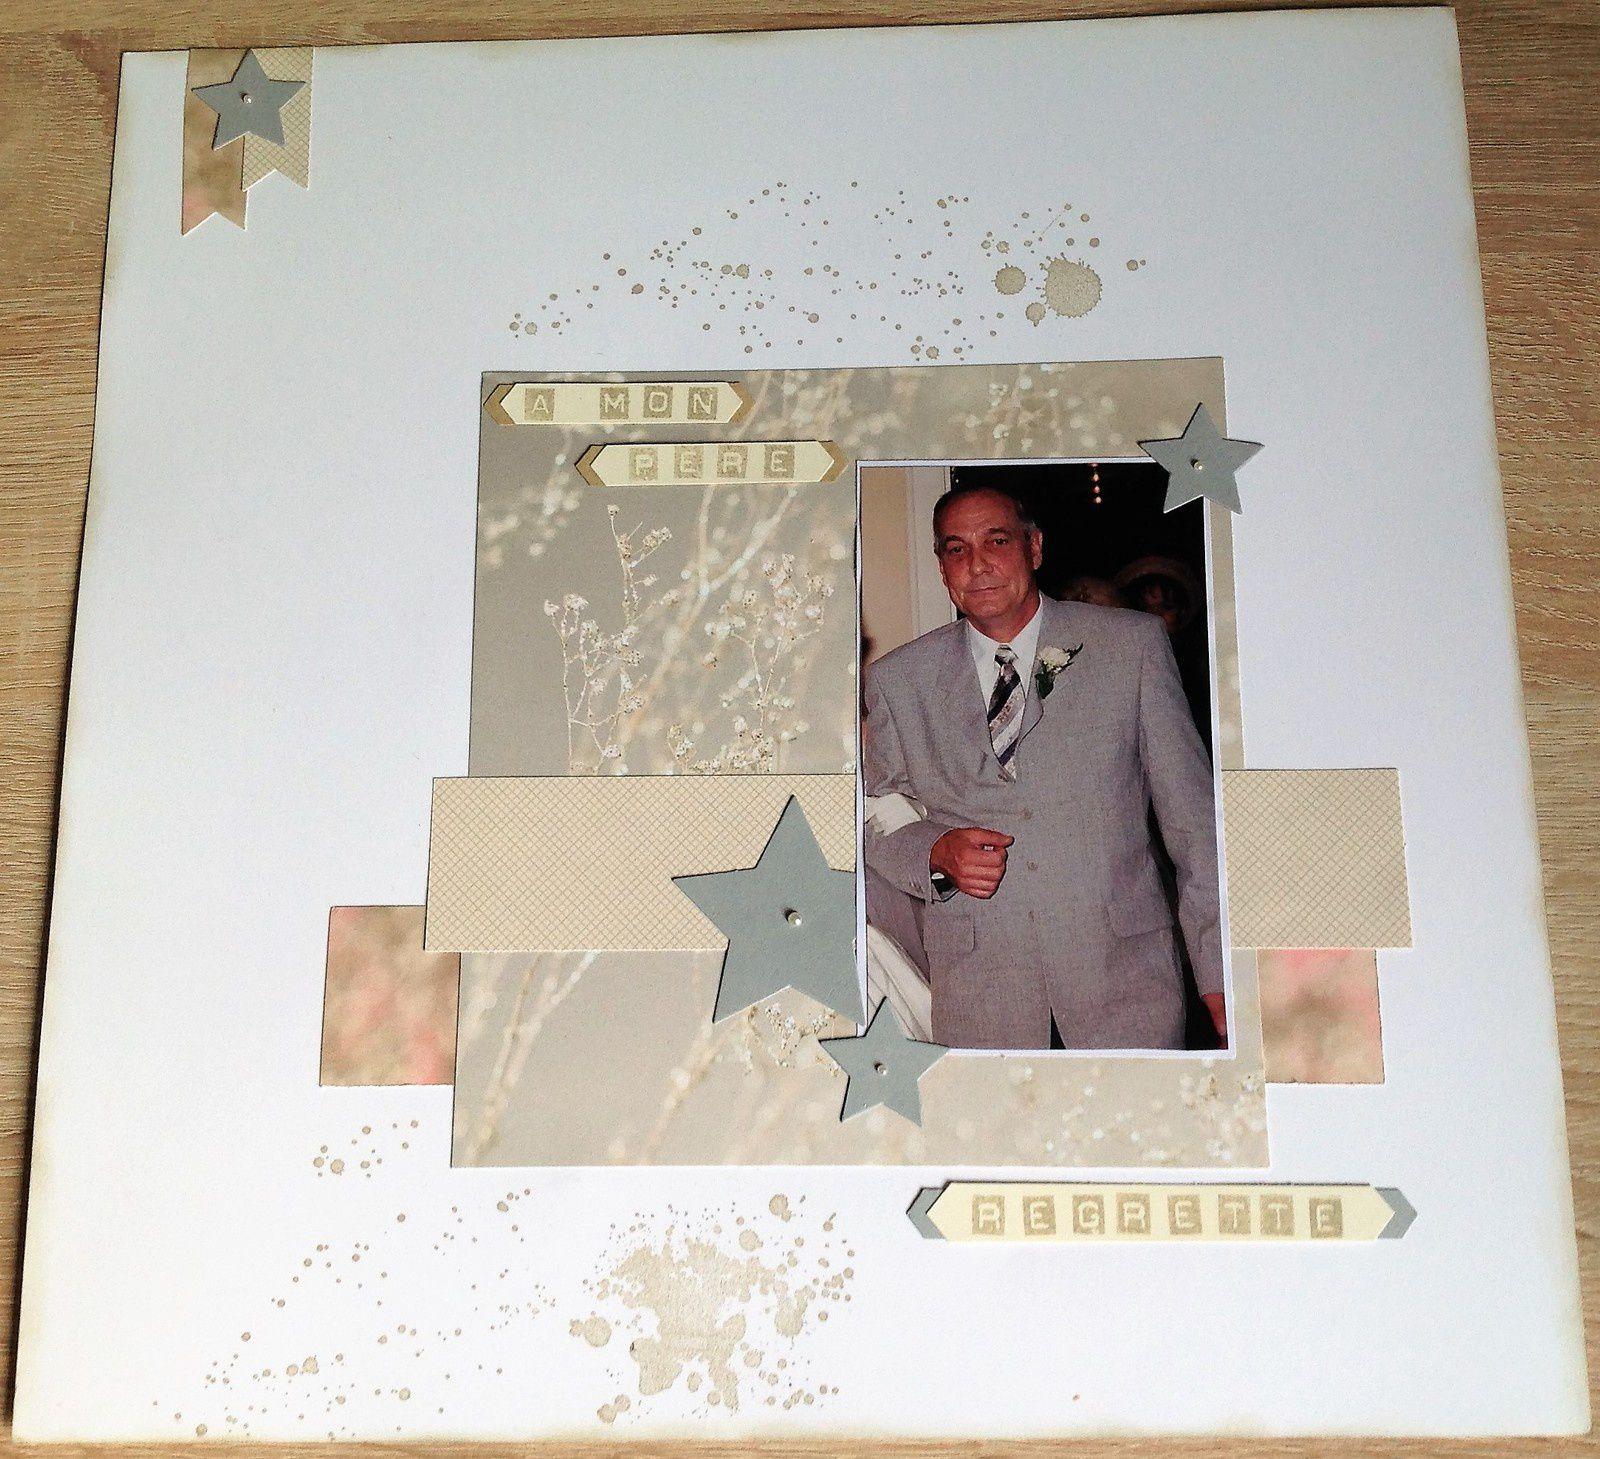 """Papiers cartonnés murmure blanc, brune dune, gris ardoise&#x3B; papier de la série Design Amour naissant&#x3B; framelits étoiles et bannières&#x3B; perforatrice étiquette décorative&#x3B; sets de tampons """"Labeler Alphabet"""", """"Gorgeous Grunges""""&#x3B; encreur brune dune."""